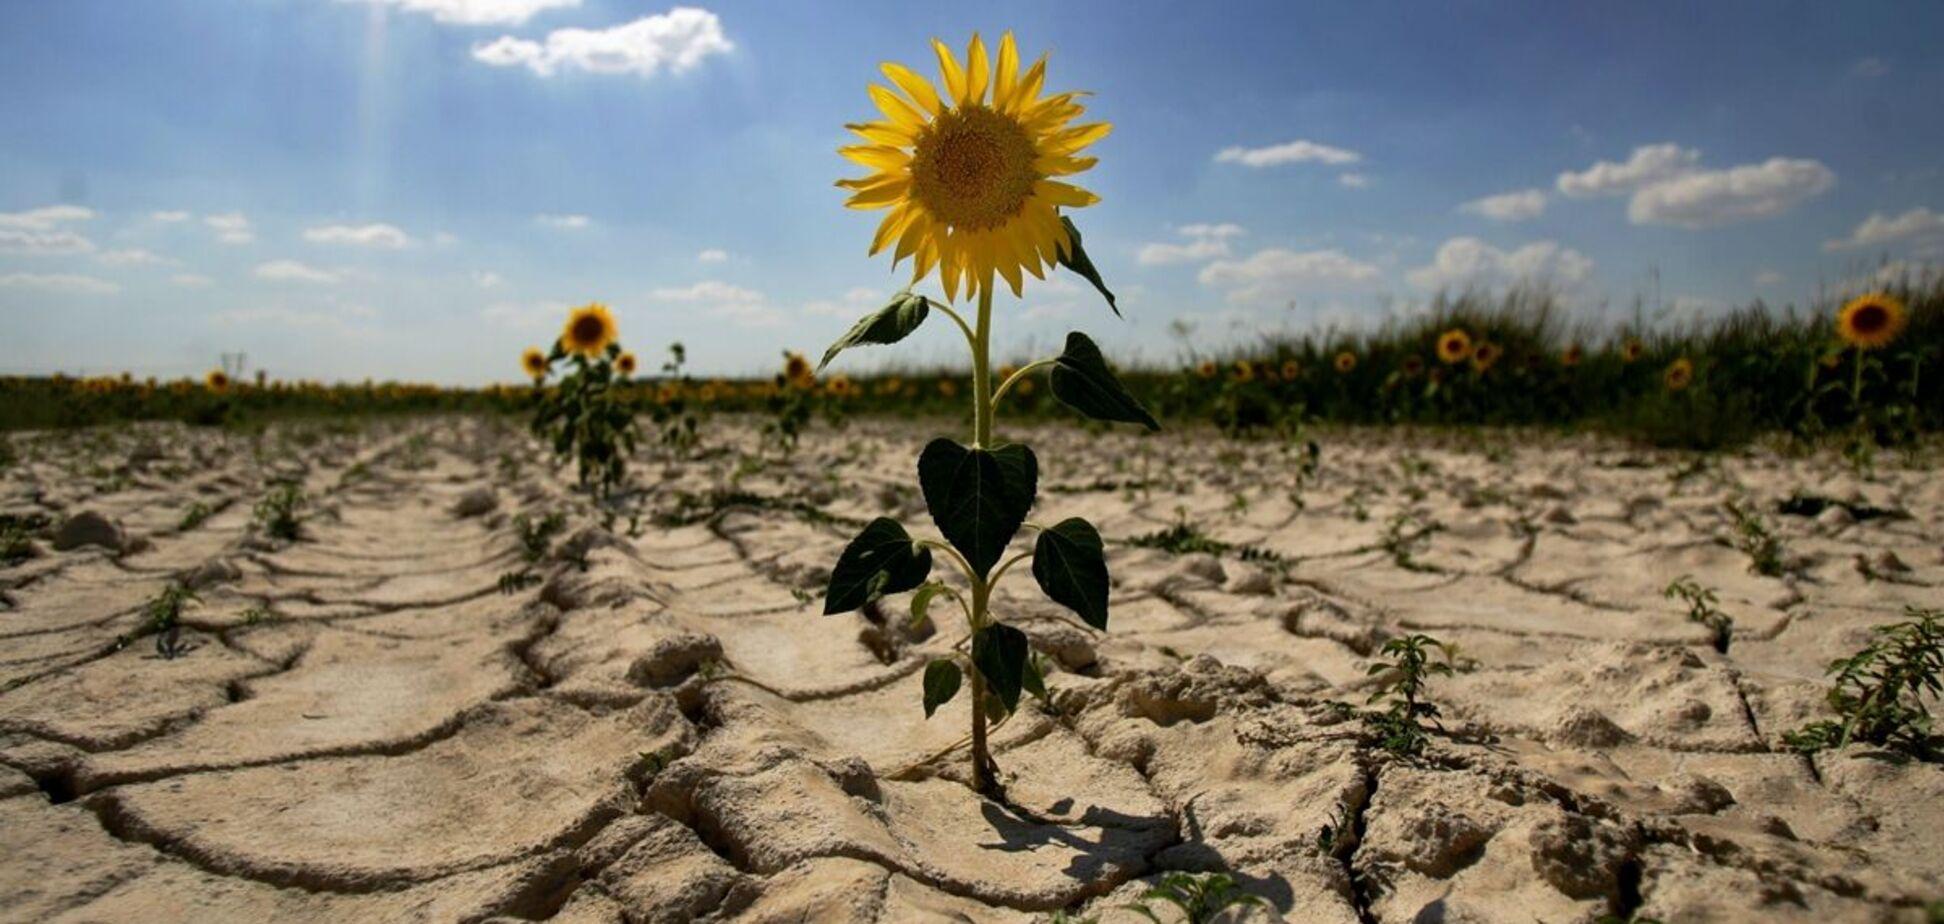 Украина вошла в топ-5 стран мира с наибольшим риском засухи. Всего проанализировали 138 стран